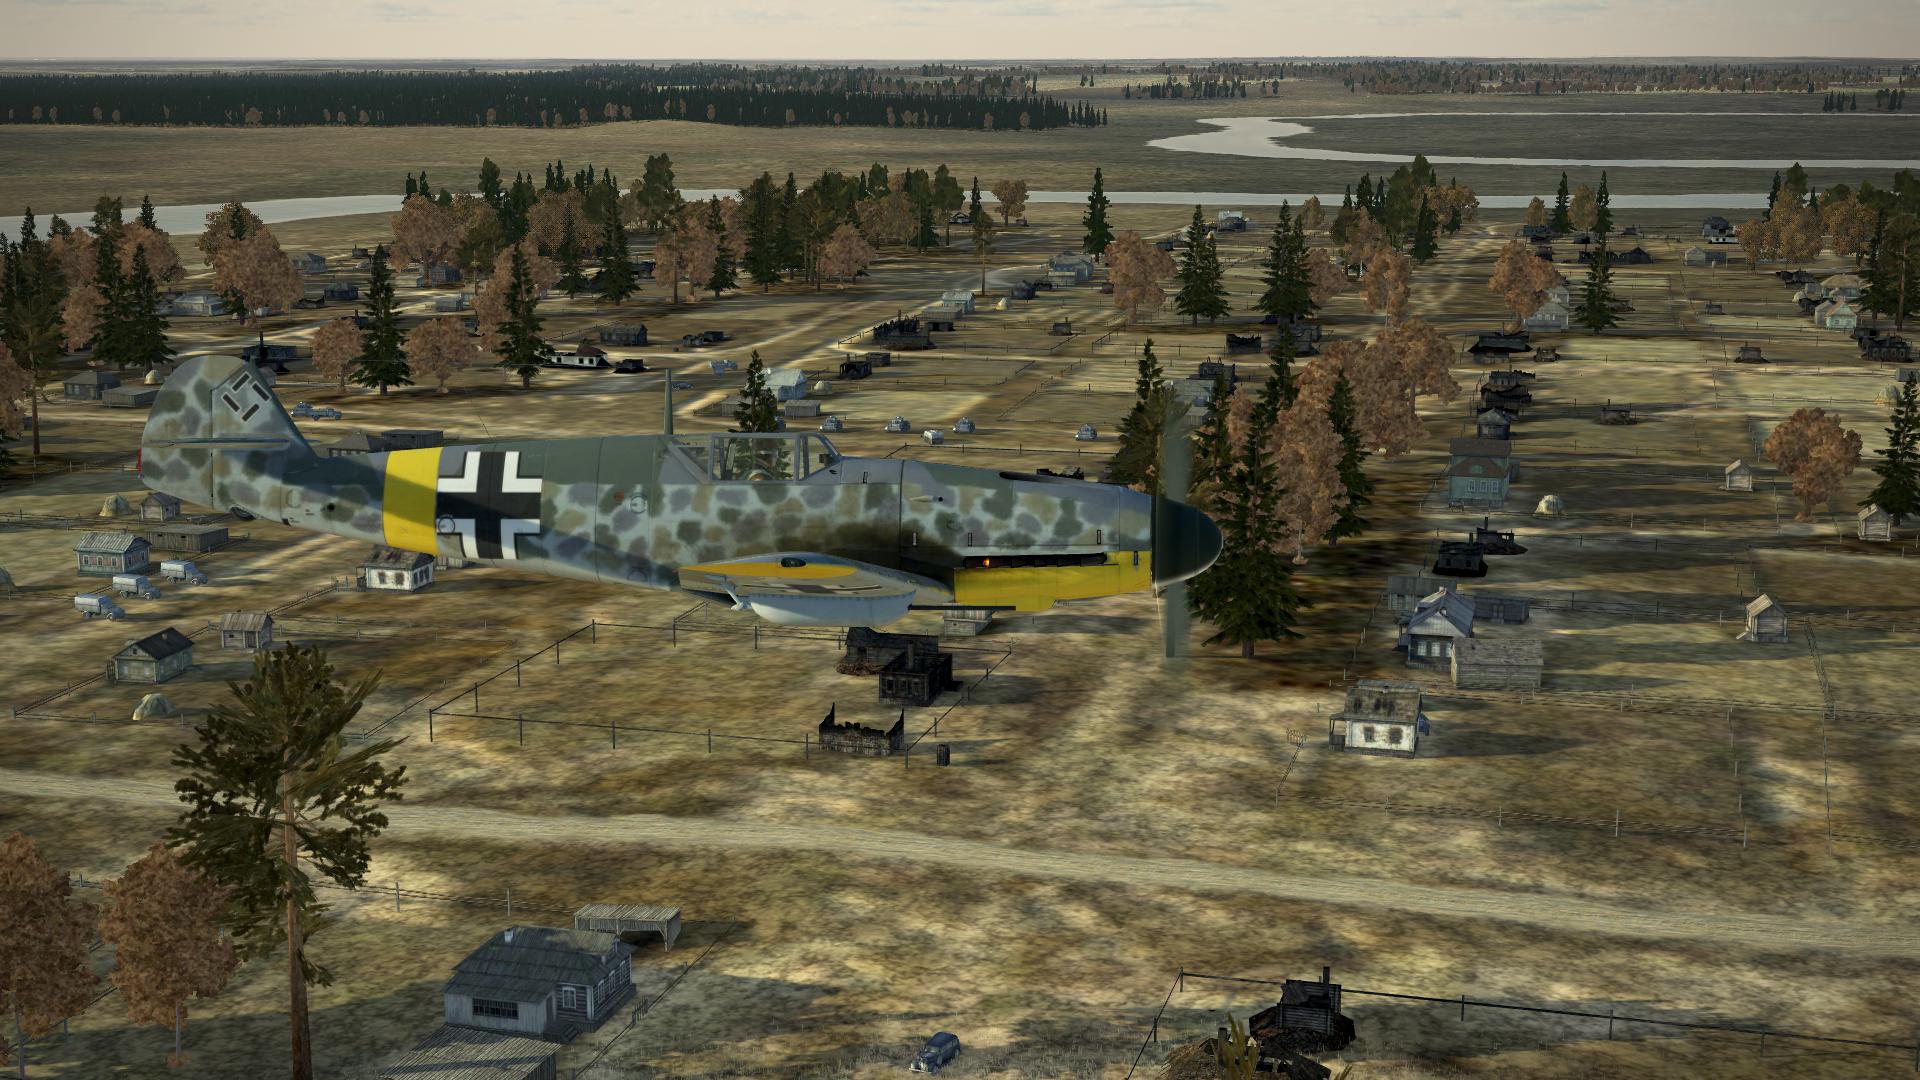 IL-2 Sturmovik Battle of Stalingrad Screenshot 2020.03.24 - 22.55.26.84.png